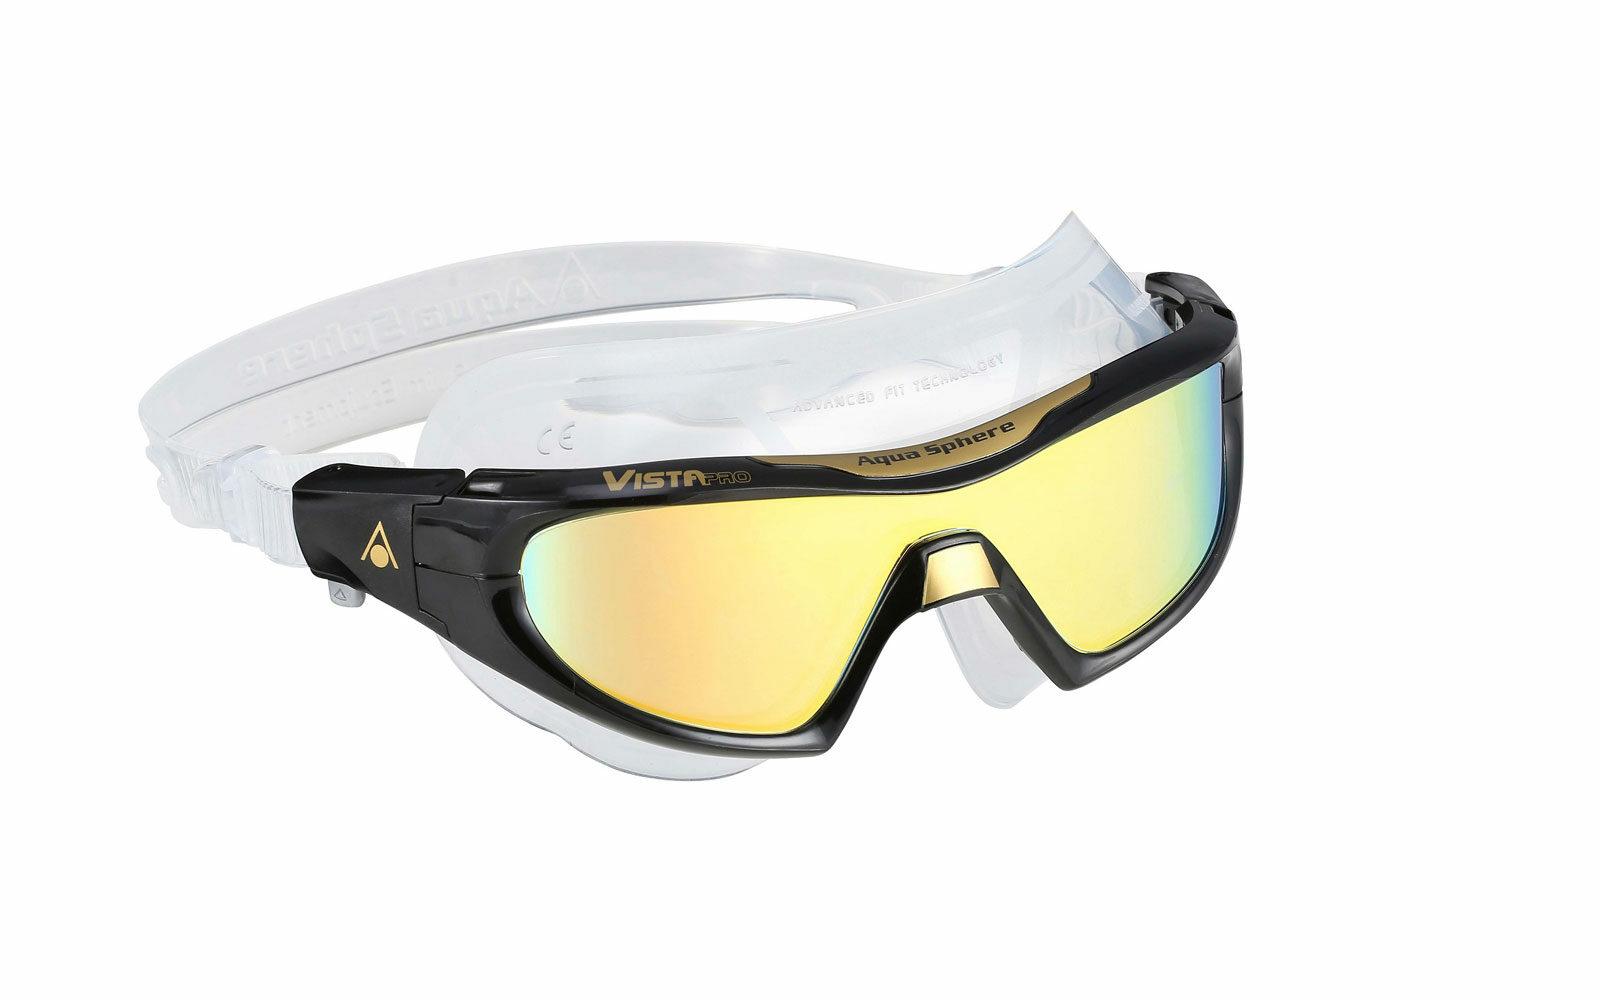 Aqua Sphere Vista Pro, mascherina da nuoto comodissima per WINDSURF e sport su tavola: lenti antiappannanti con filtro UVA/UVB, fibbia a regolazione rapida, facciale in morbido silicone ipoallergenico. Da euro 49,90 secondo il tipo di lente